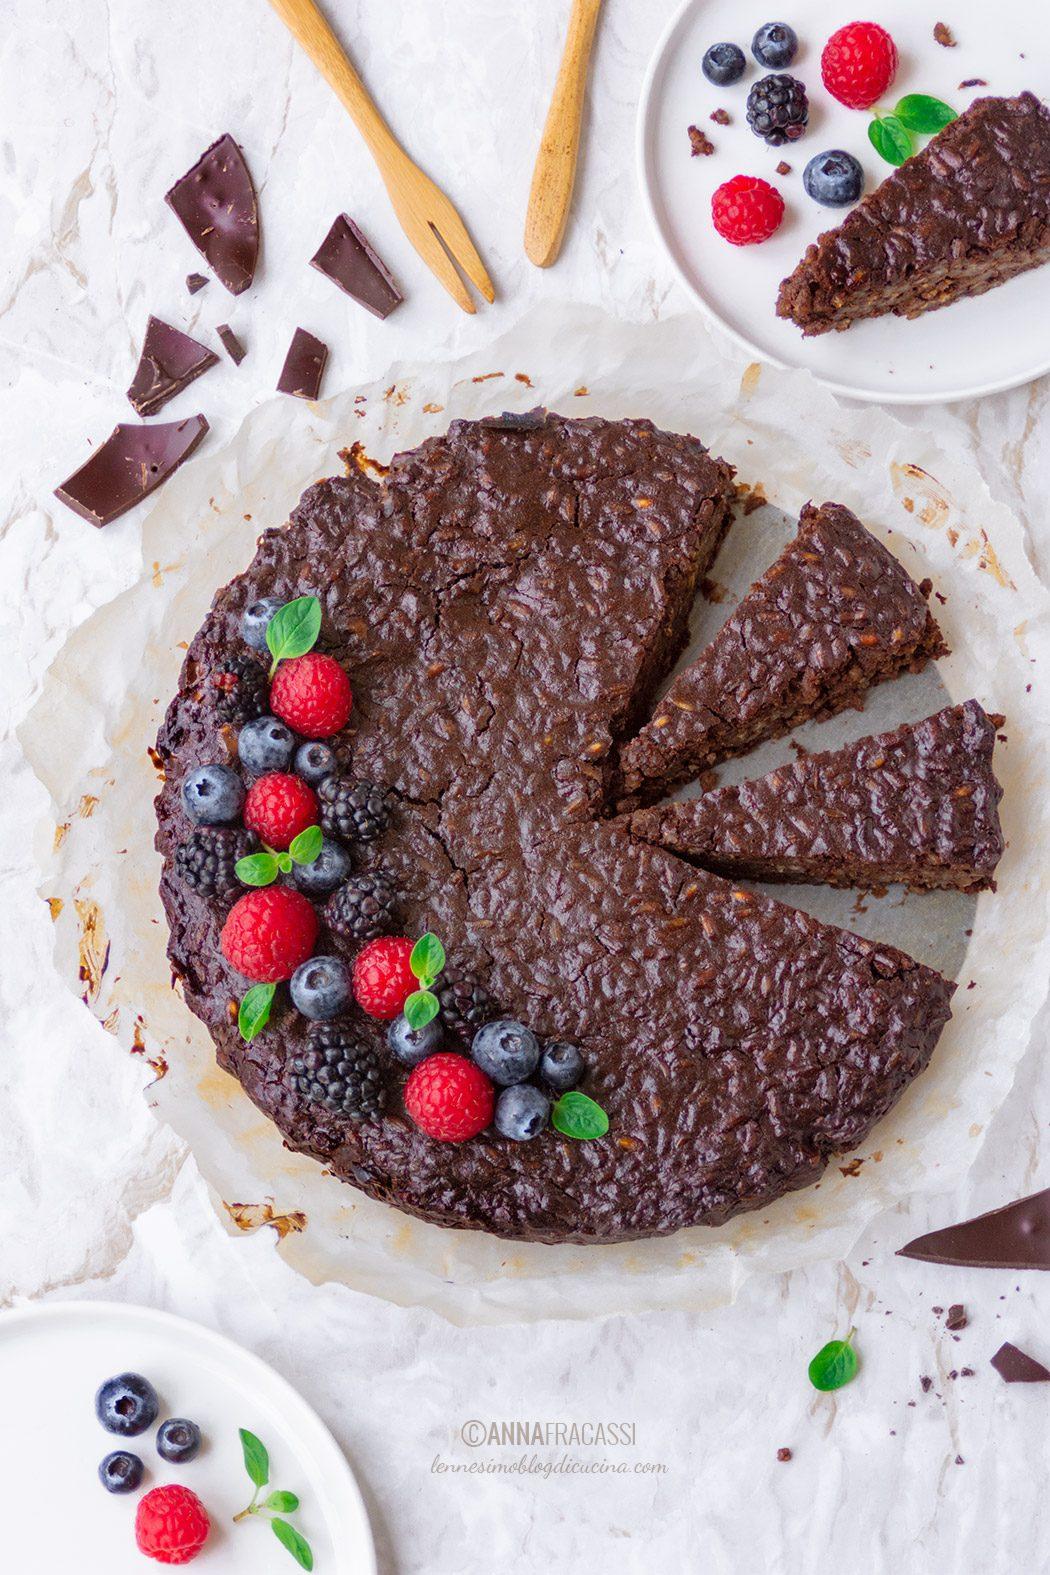 Torta di riso Vialone al cioccolato fondente e frutti rossi